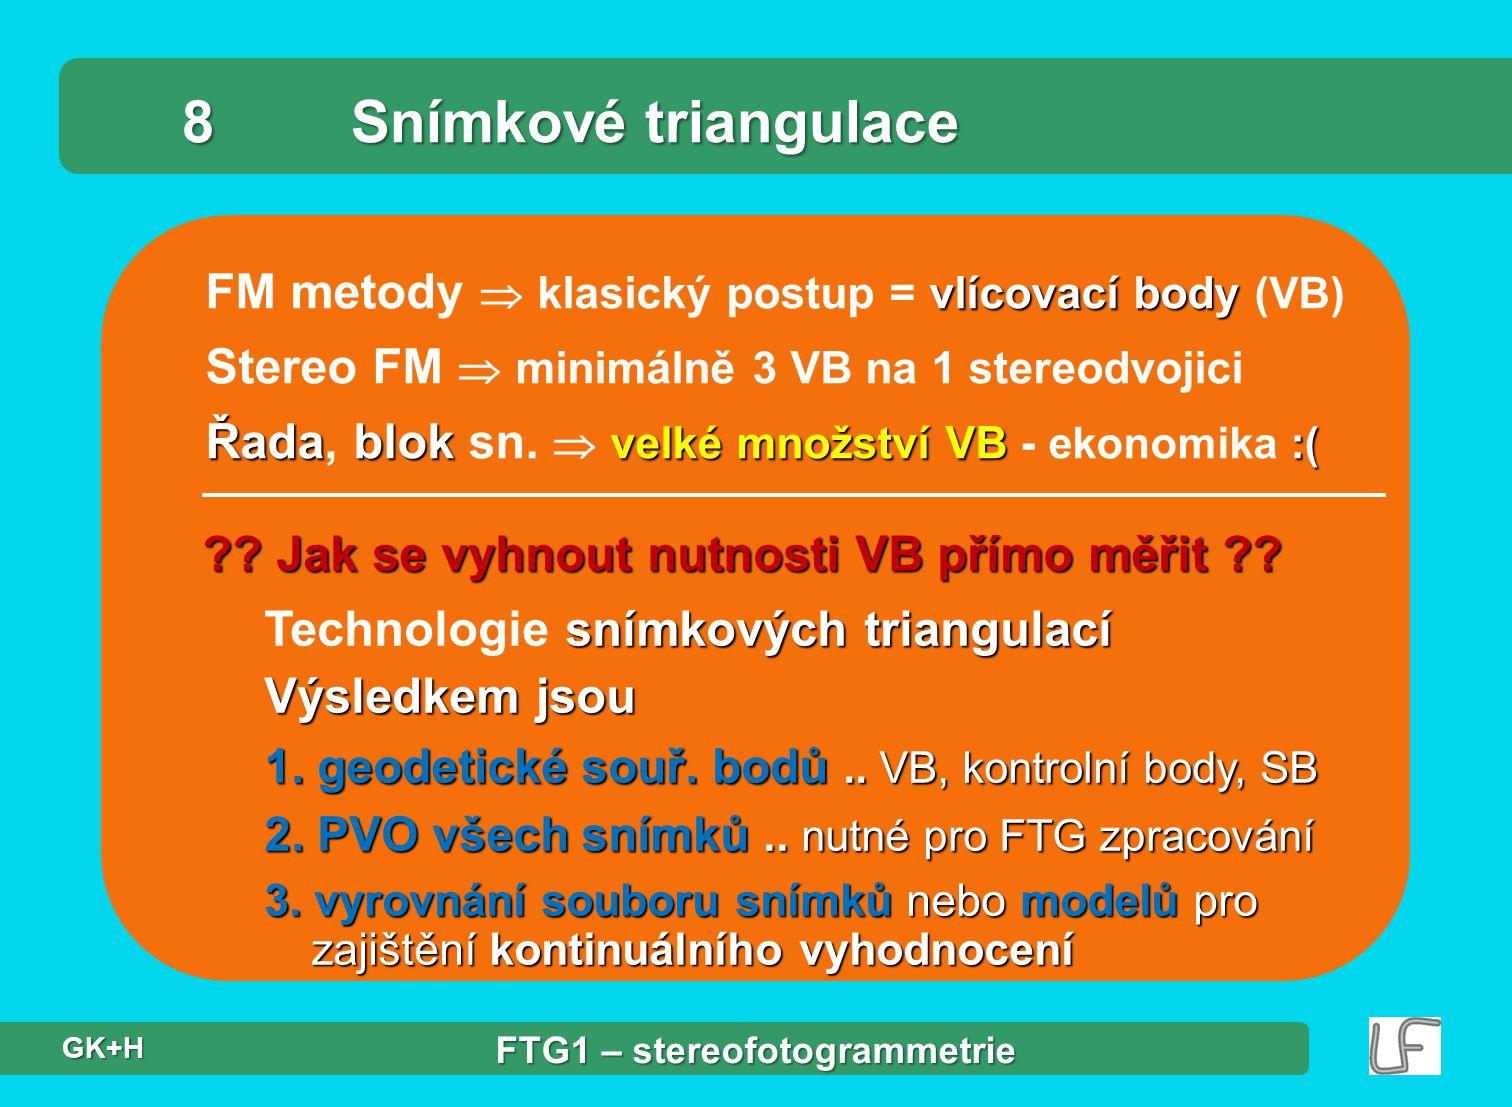 vlícovací body FM metody  klasický postup = vlícovací body (VB) Stereo FM  minimálně 3 VB na 1 stereodvojici Řadablok velké množství VB :( Řada, blo